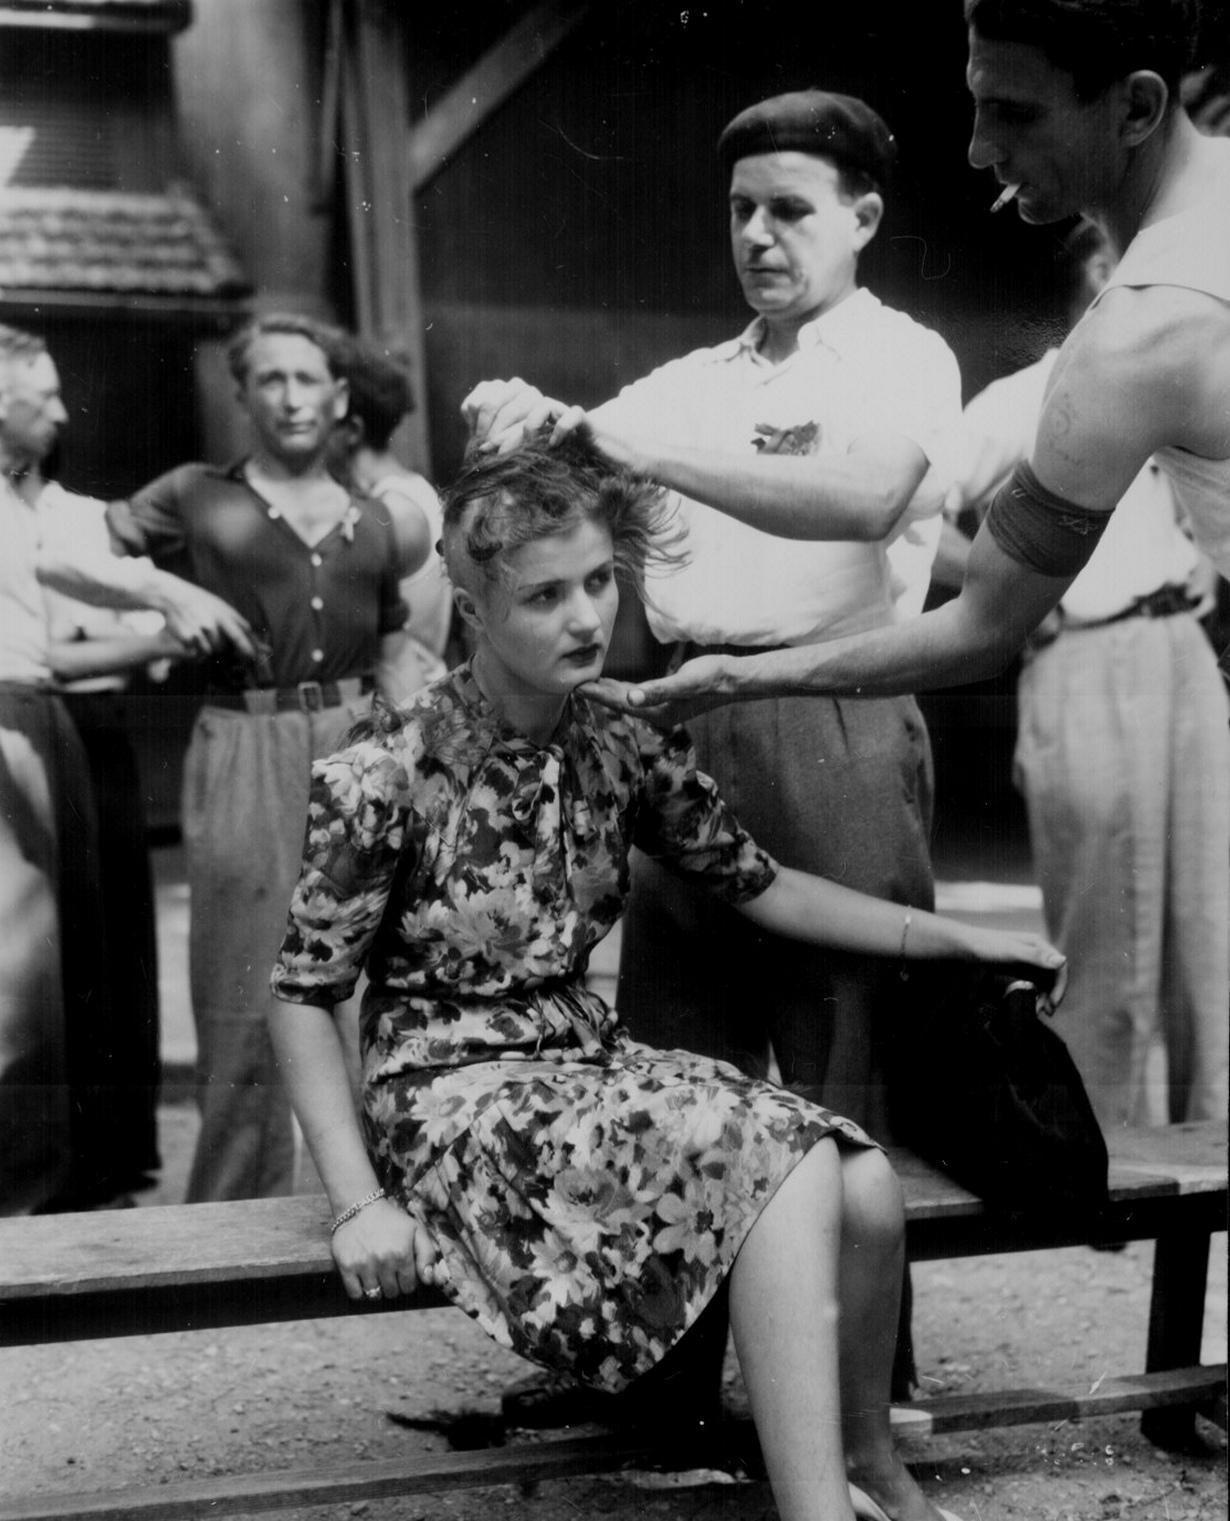 Порно в жанре вторая мировая война 0 фотография